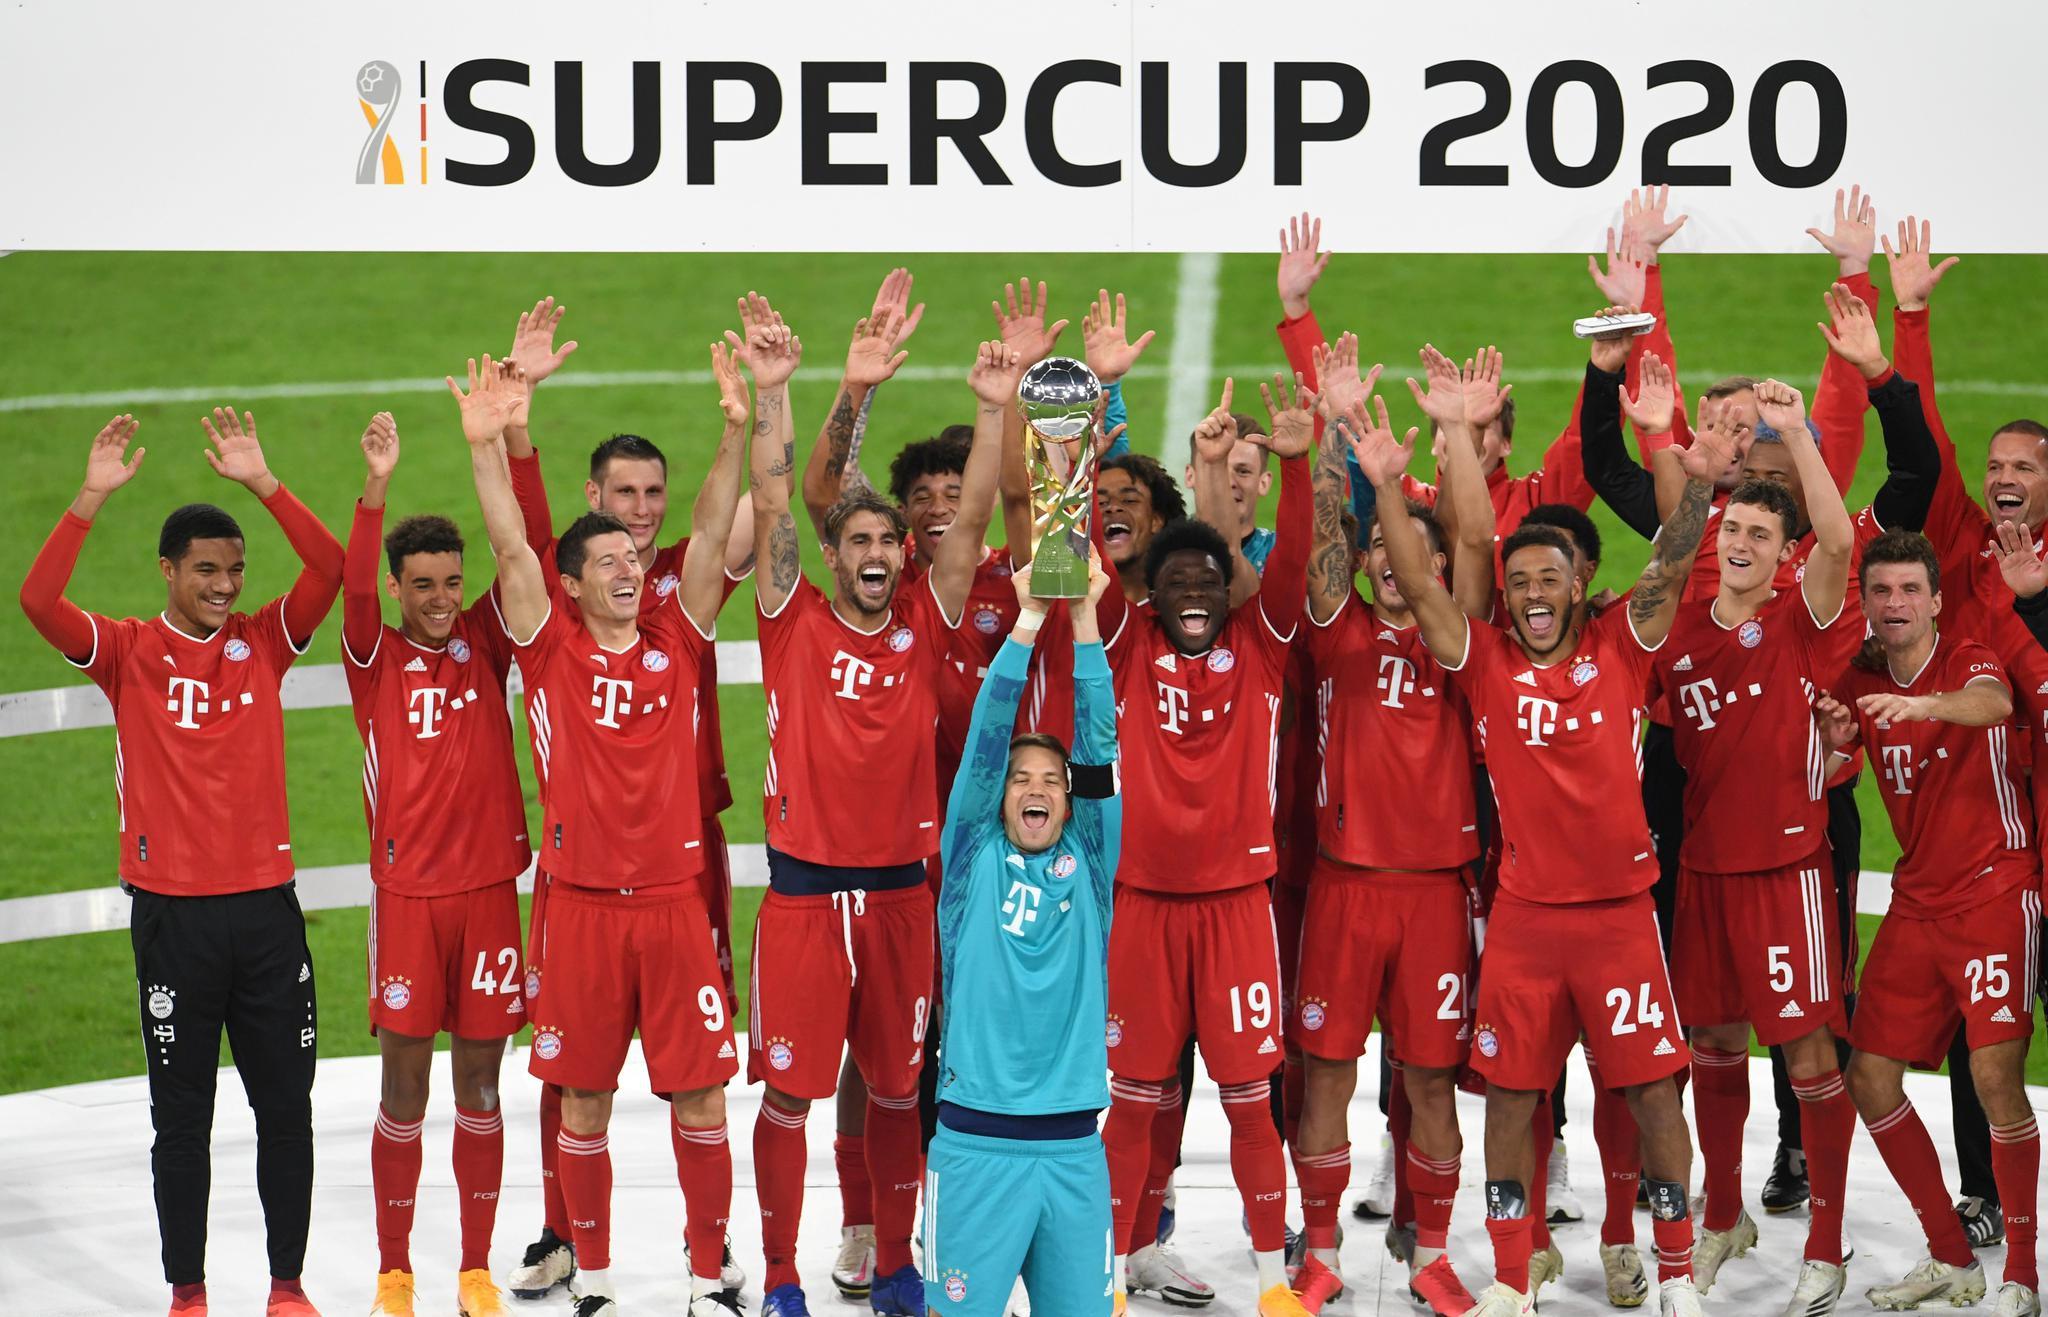 基米希绝杀!拜仁赢得德国超级杯